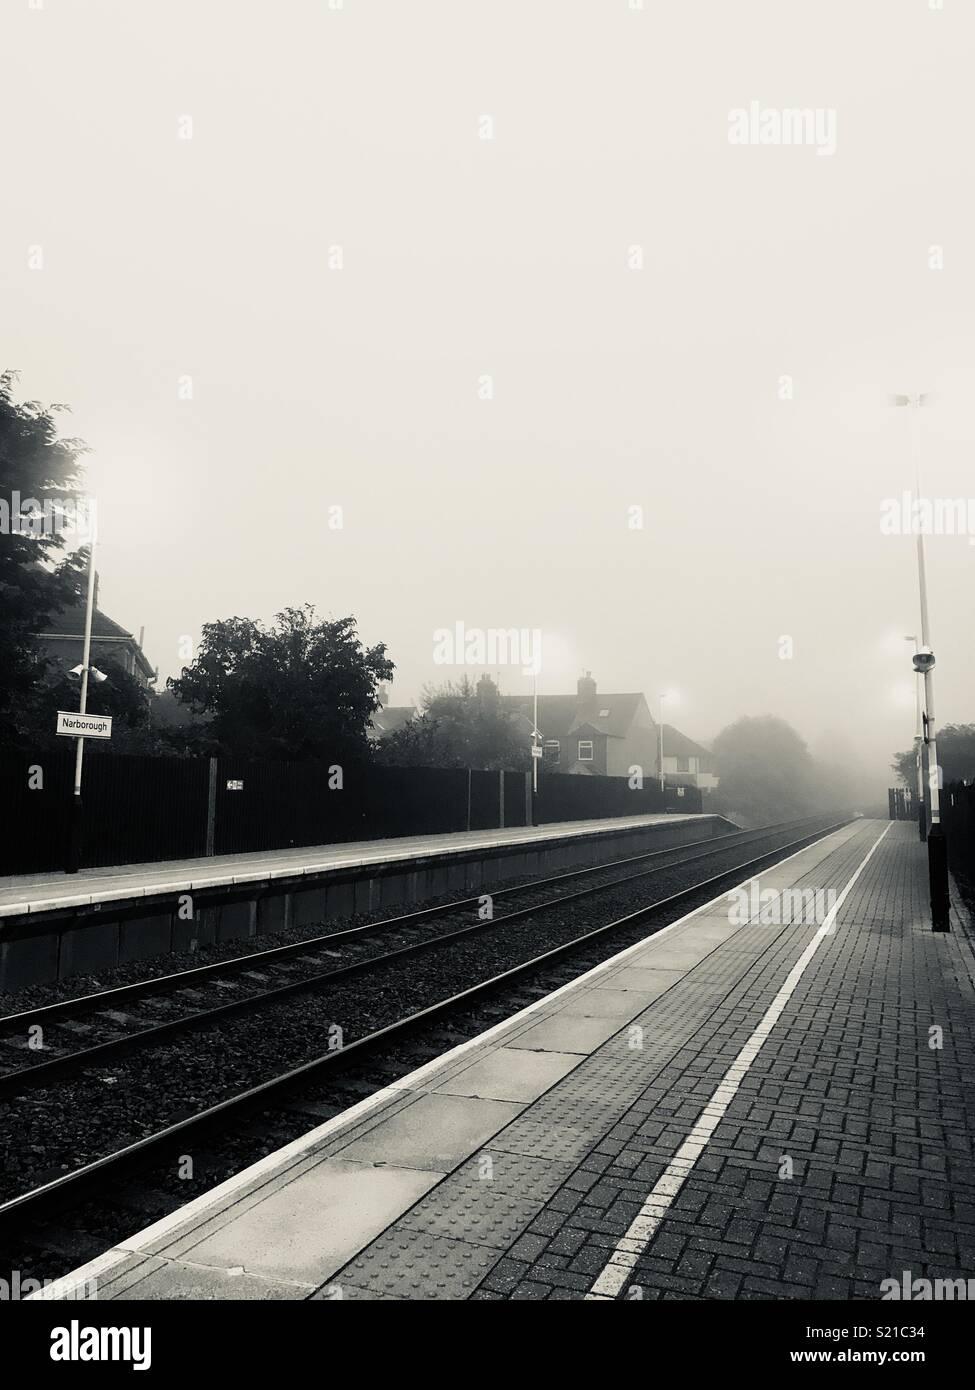 Station Shrouded in Fog - Stock Image